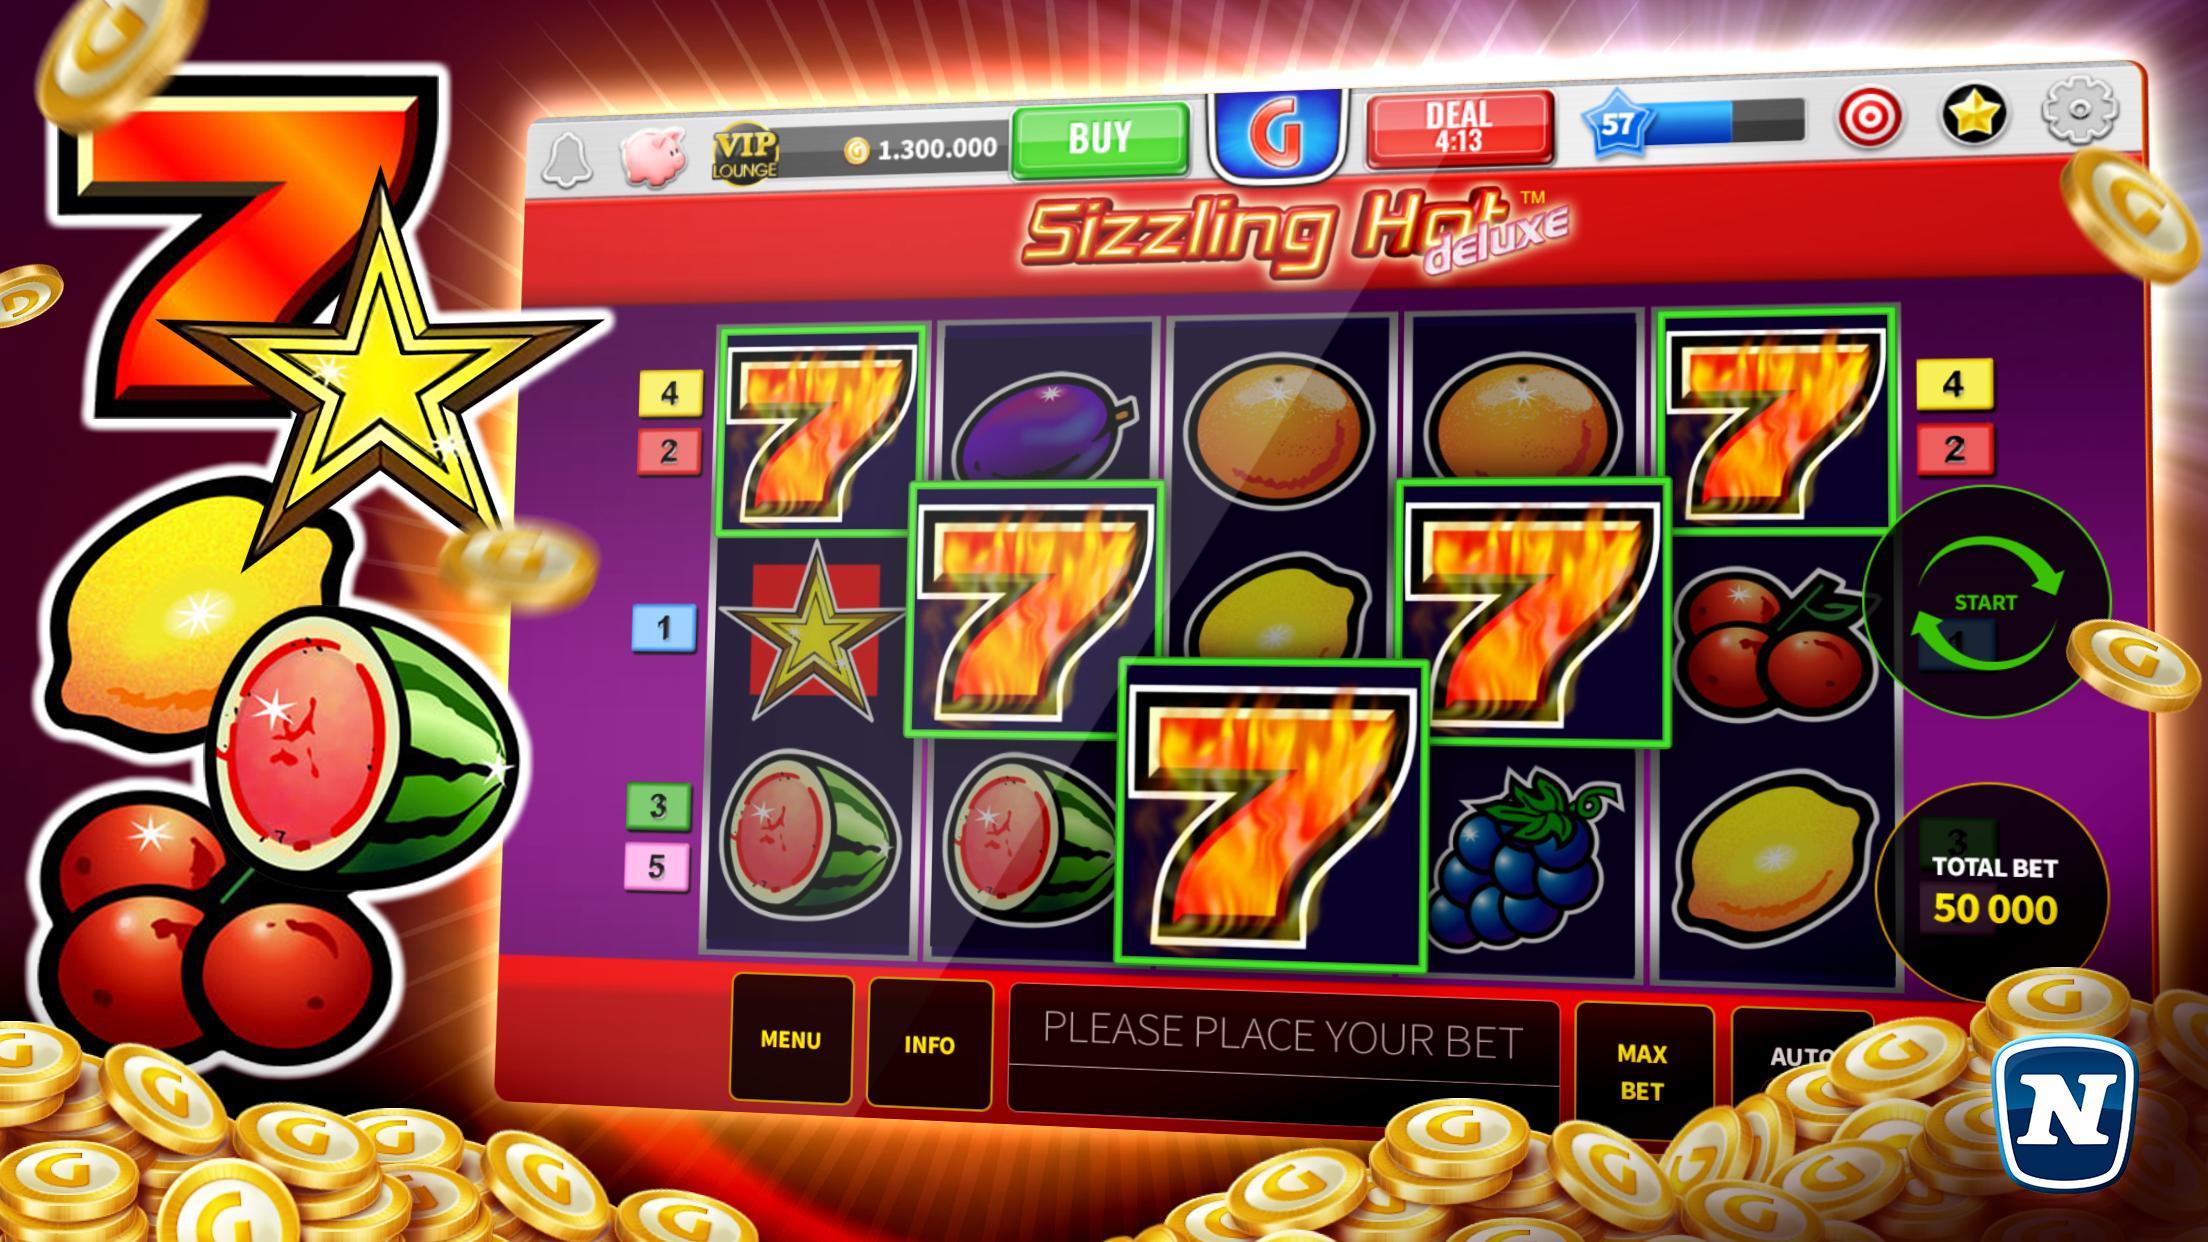 Скачать бесплатные игровые автоматы гаминаторы игровой клуб игровые автоматы